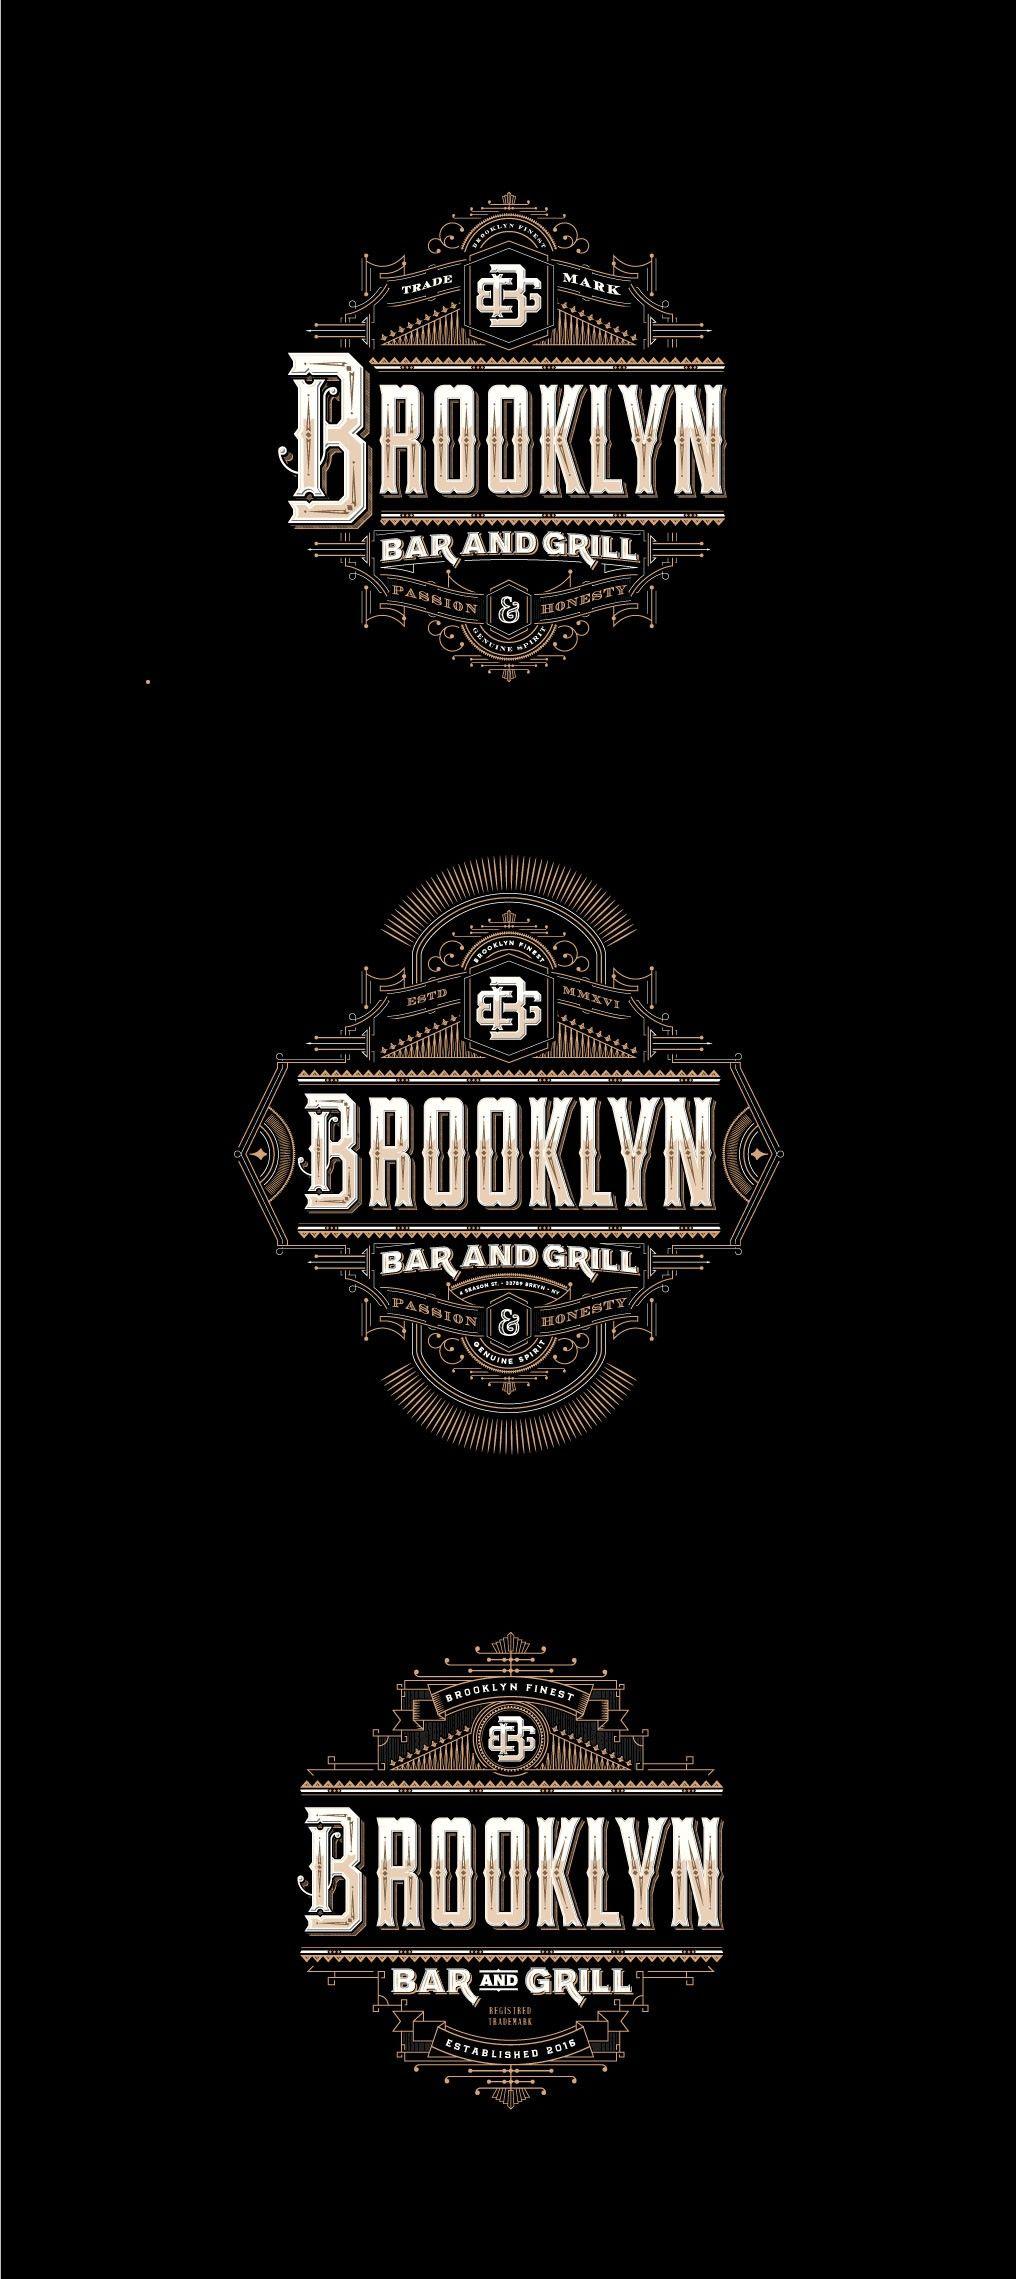 Brooklyn bar and grill logo 99designs